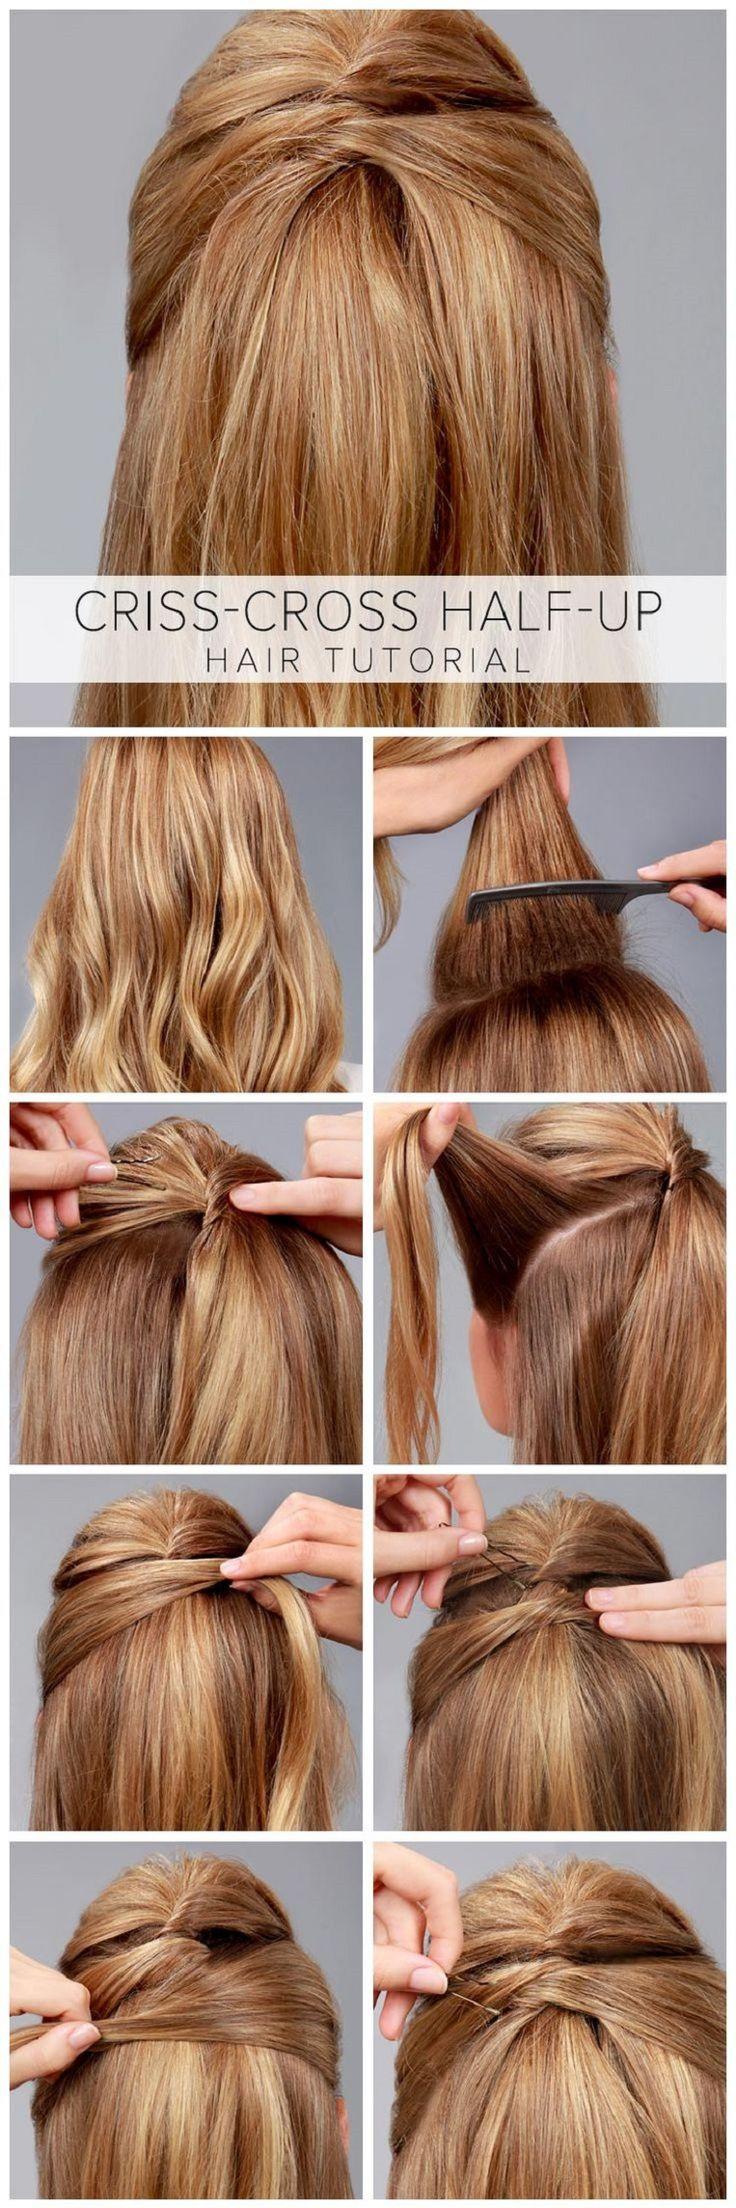 Tutoriales de peinados para que luzcas diferente en tu fiesta de xv